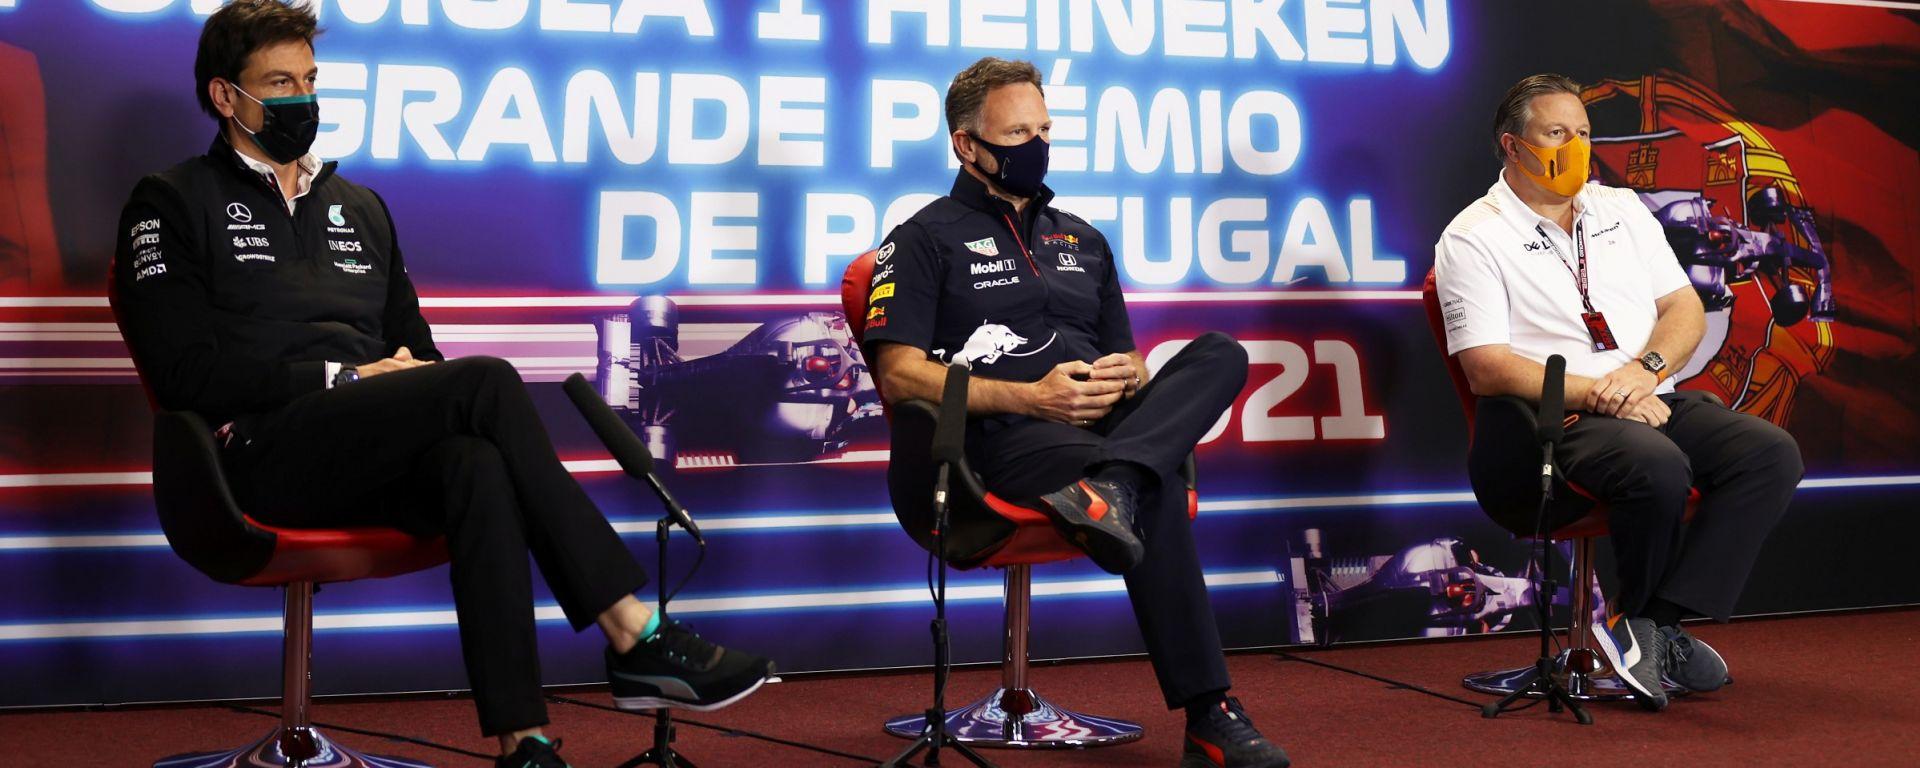 F1, GP Portogallo 2021: la conferenza stampa con Toto Wolff (Mercedes), Chris Horner (Red Bull) e Zak Brown (McLaren)